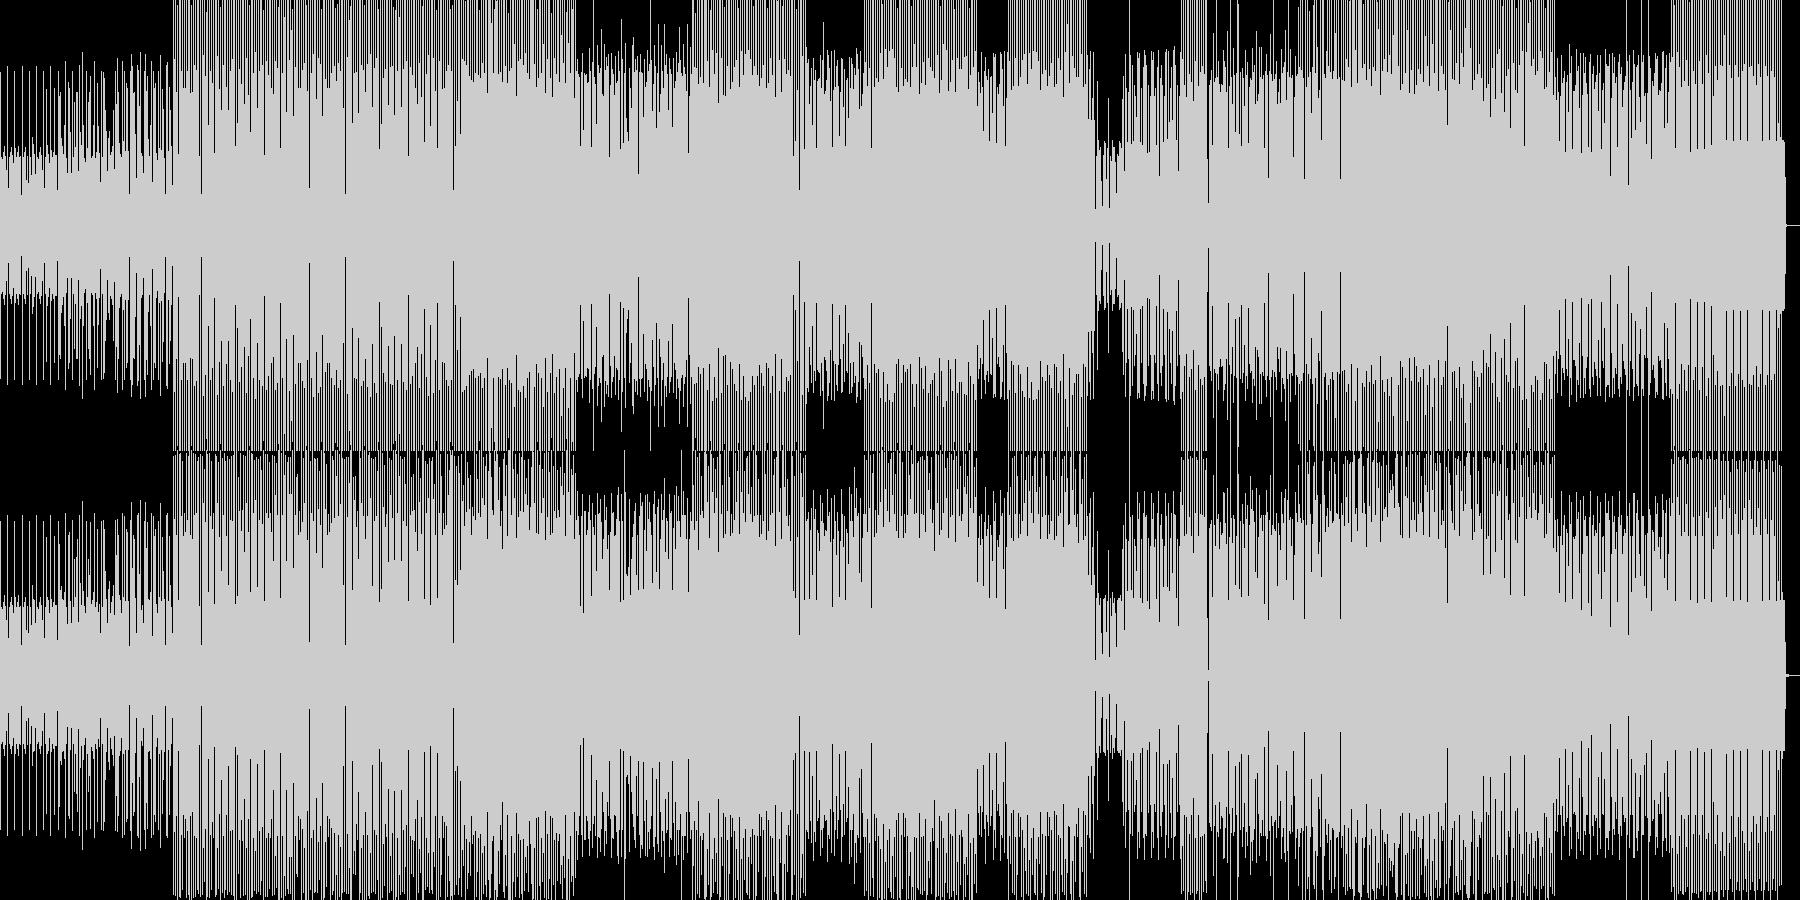 静かなミニマルハウスの未再生の波形